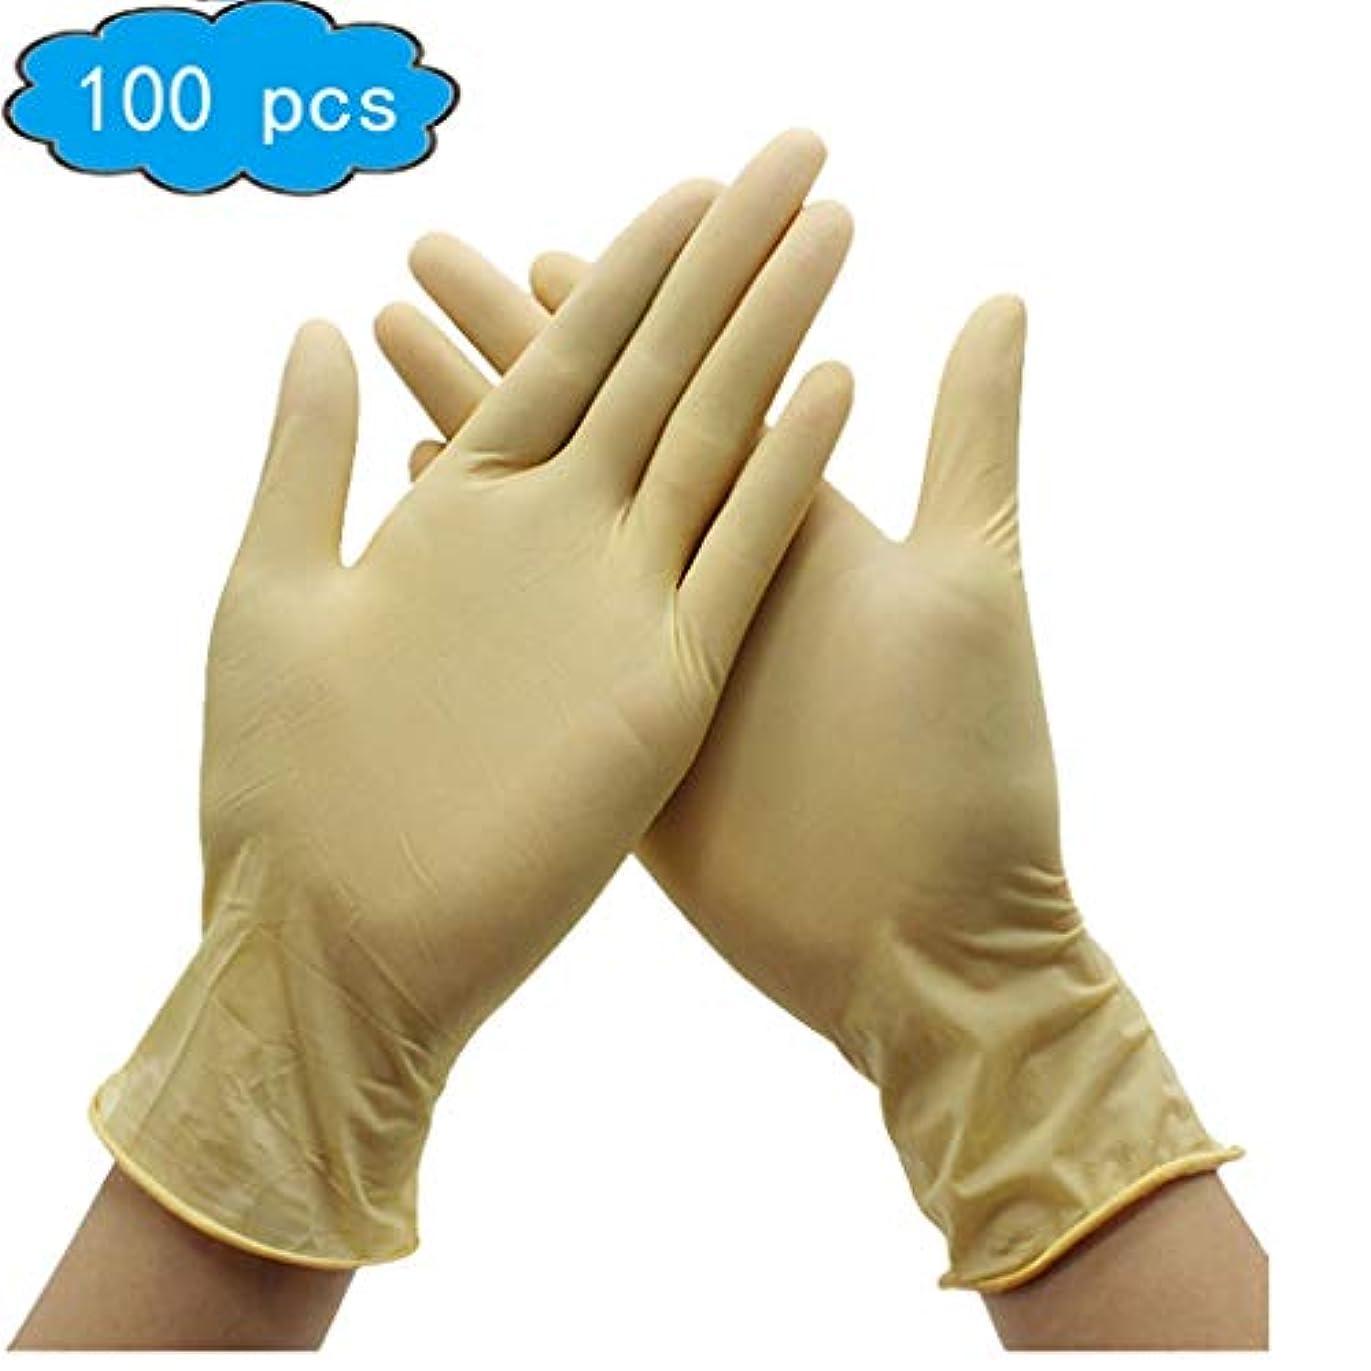 ベジタリアン是正探偵ラテックス手袋、試験/食品グレードの安全製品、使い捨て手袋および手袋Dispensers 100psc、衛生手袋、健康、家庭用ベビーケア (Color : Beige, Size : L)